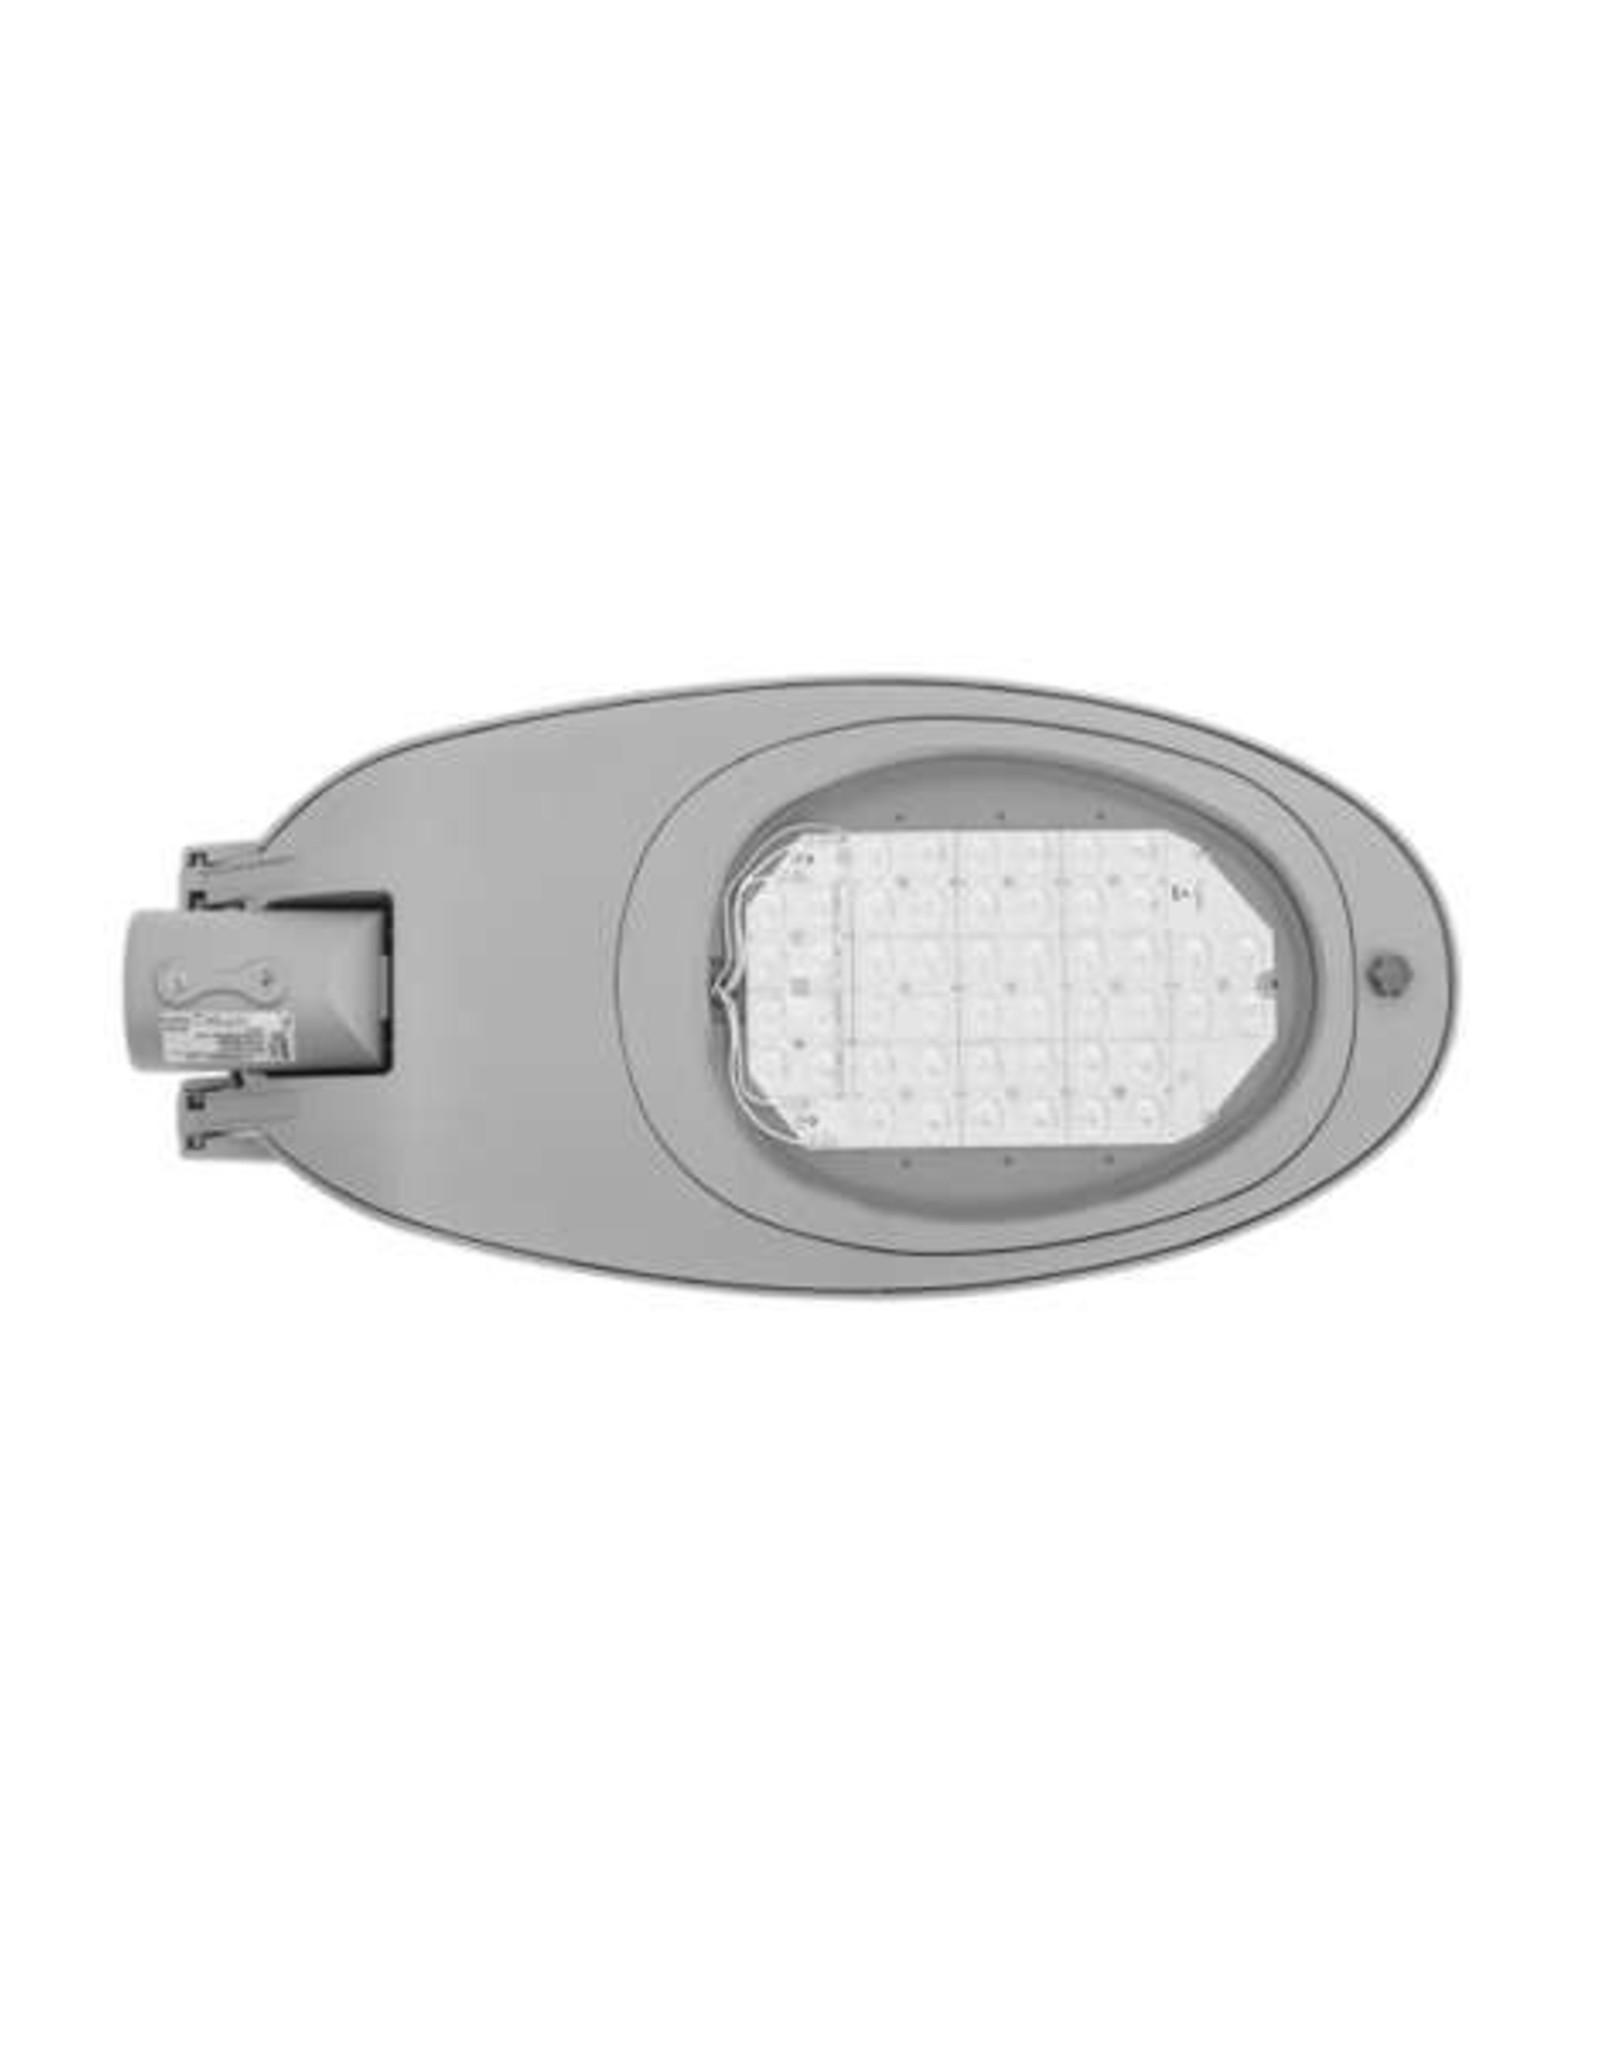 LUXON LED CORDOBA:LED 2.0 BASIC II